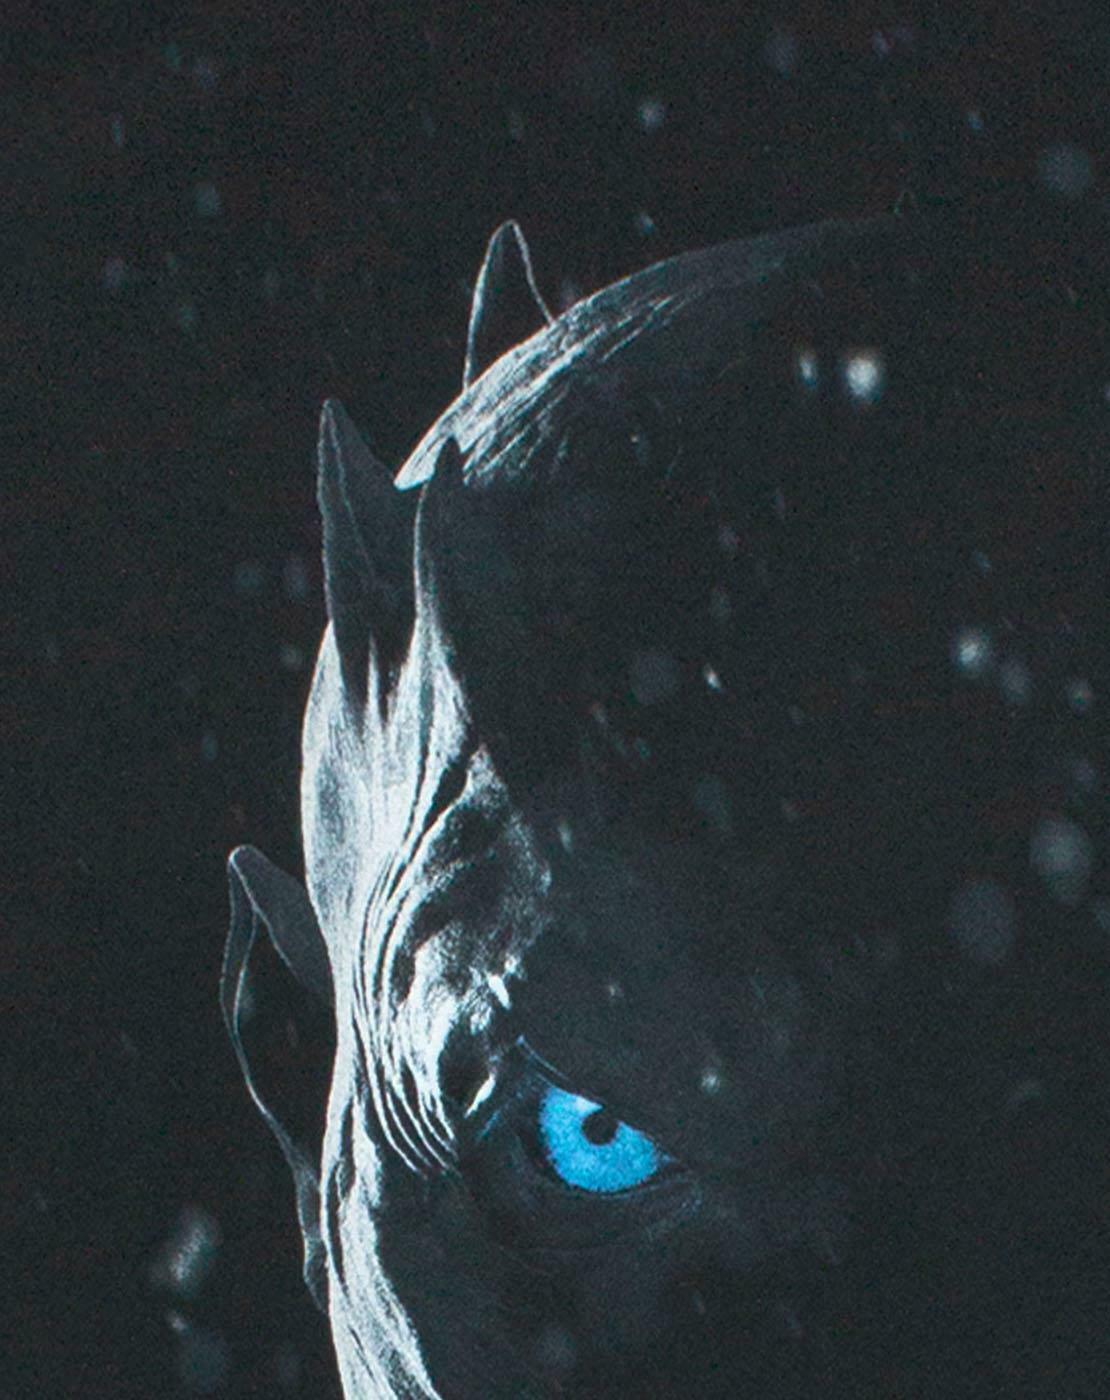 Game-Of-Thrones-Night-Ice-King-White-Walker-Leader-Men-039-s-Black-T-Shirt thumbnail 9